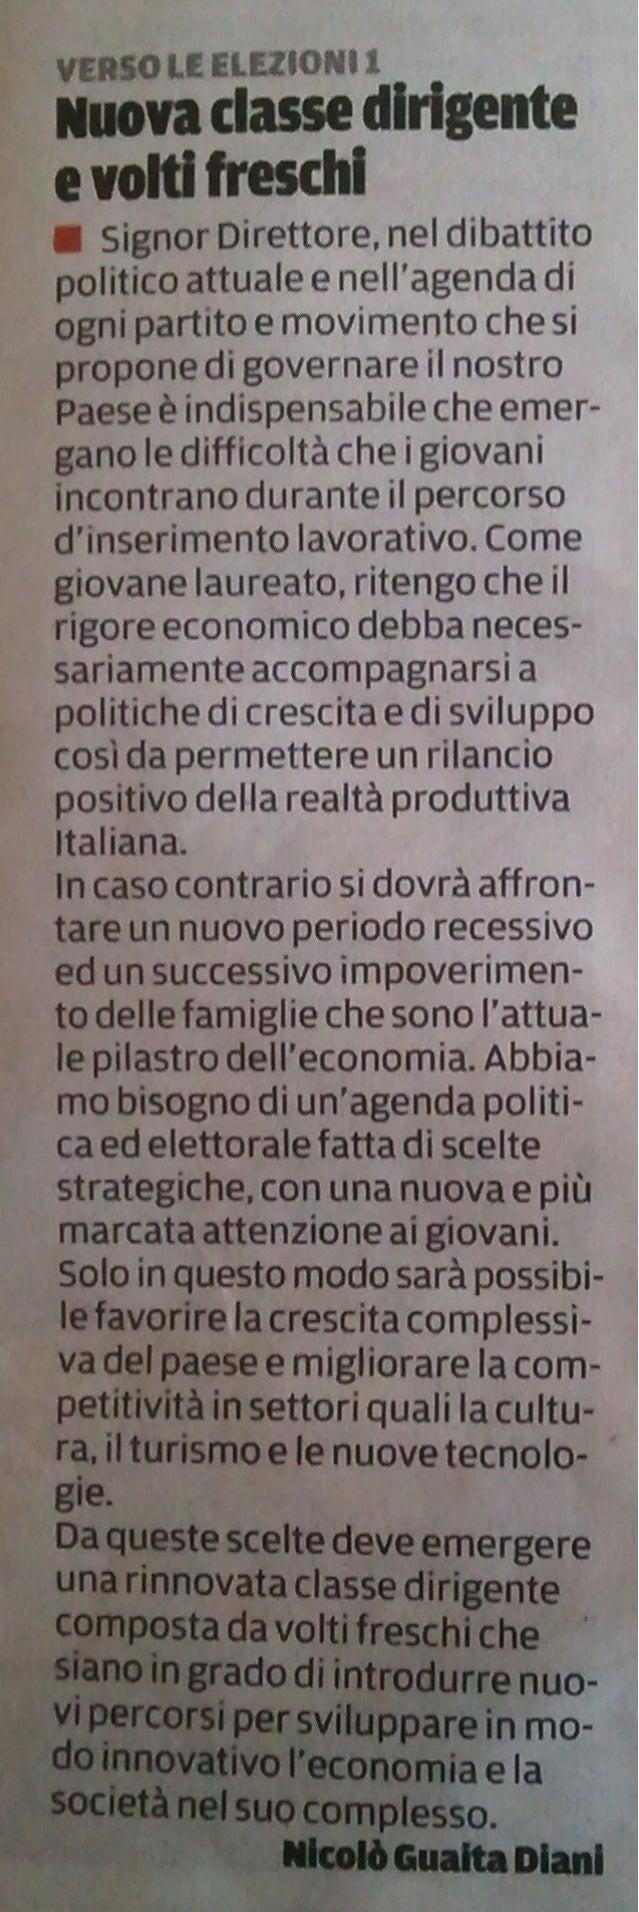 Nuova Classe Dirigente e Volti Freschi [La Repubblica, La Gazzetta di Mantova 12-01-13]